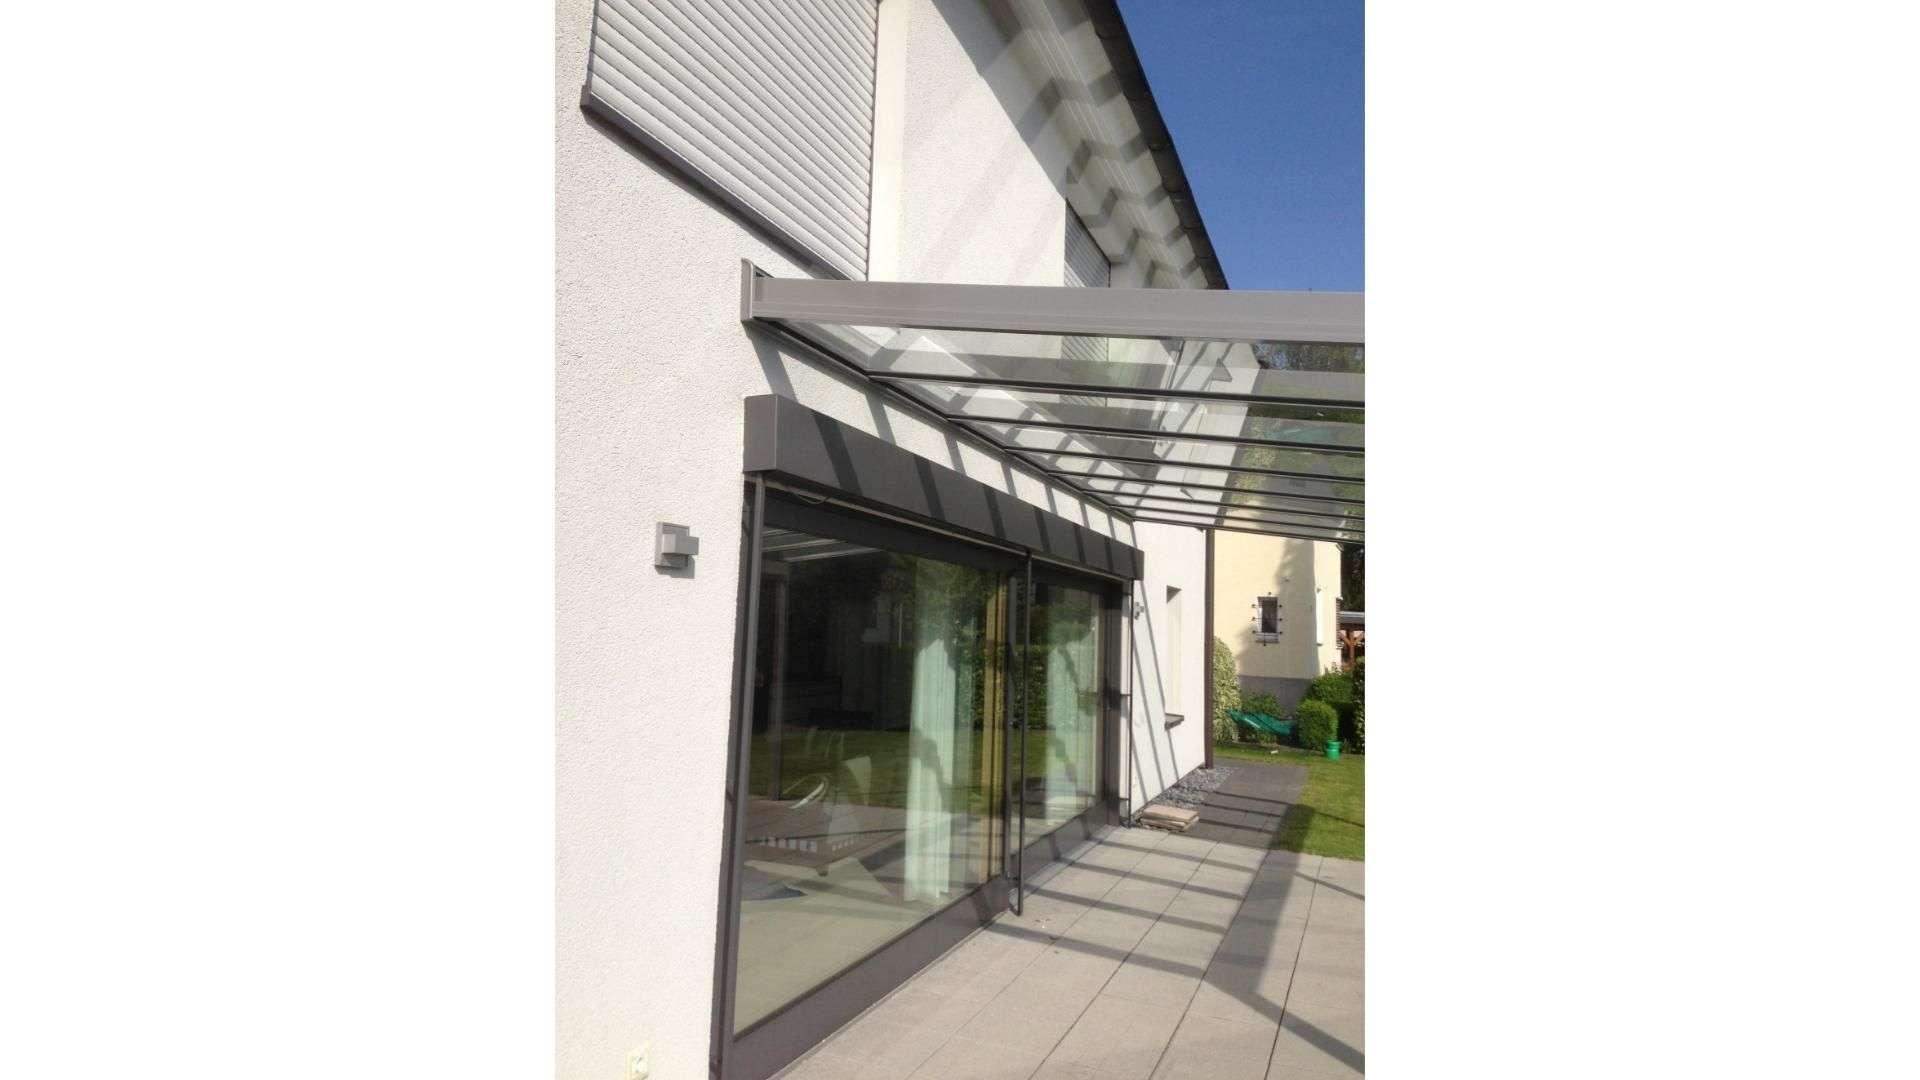 Seitenansicht eines Terrassendaches an einem Wohnhaus